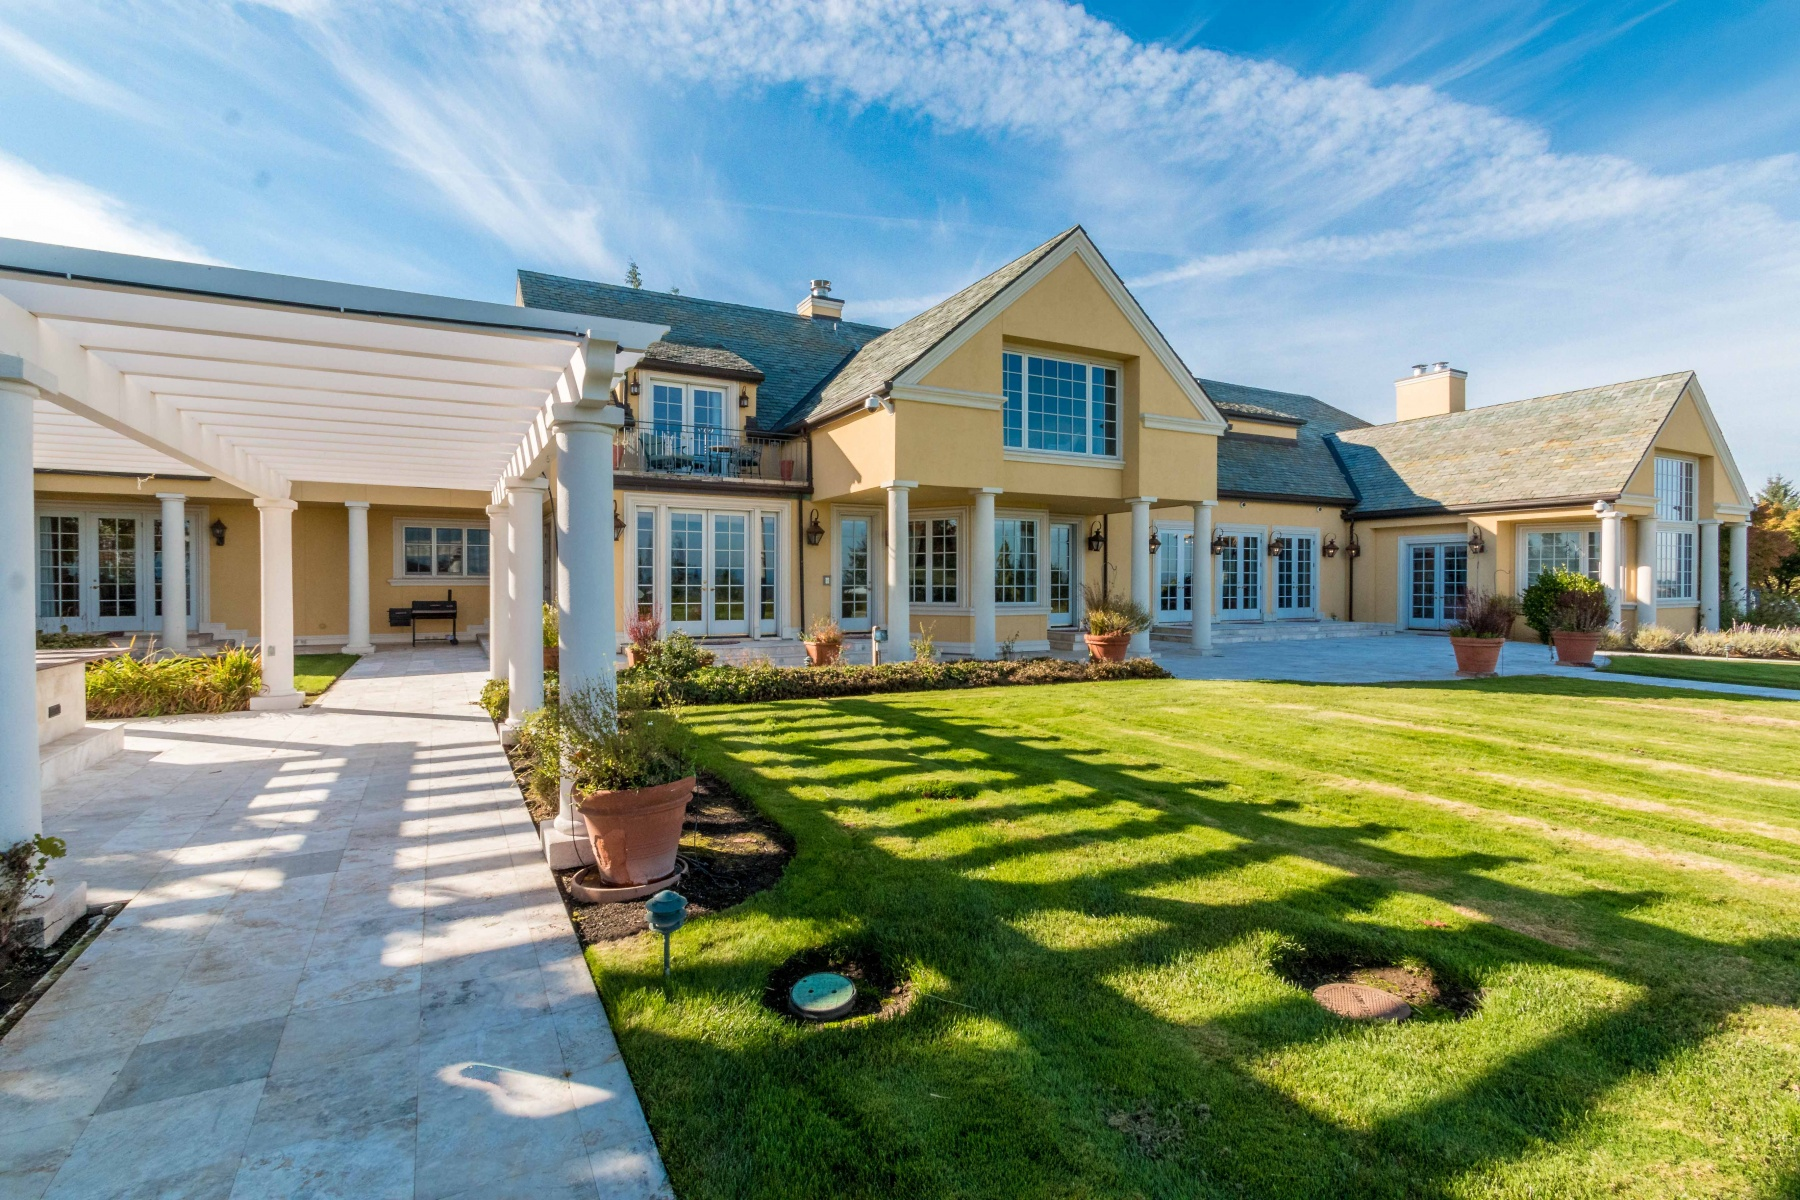 Частный односемейный дом для того Продажа на 1707 SW SCHAEFFER RD, WEST LINN West Linn, Орегон, 97068 Соединенные Штаты